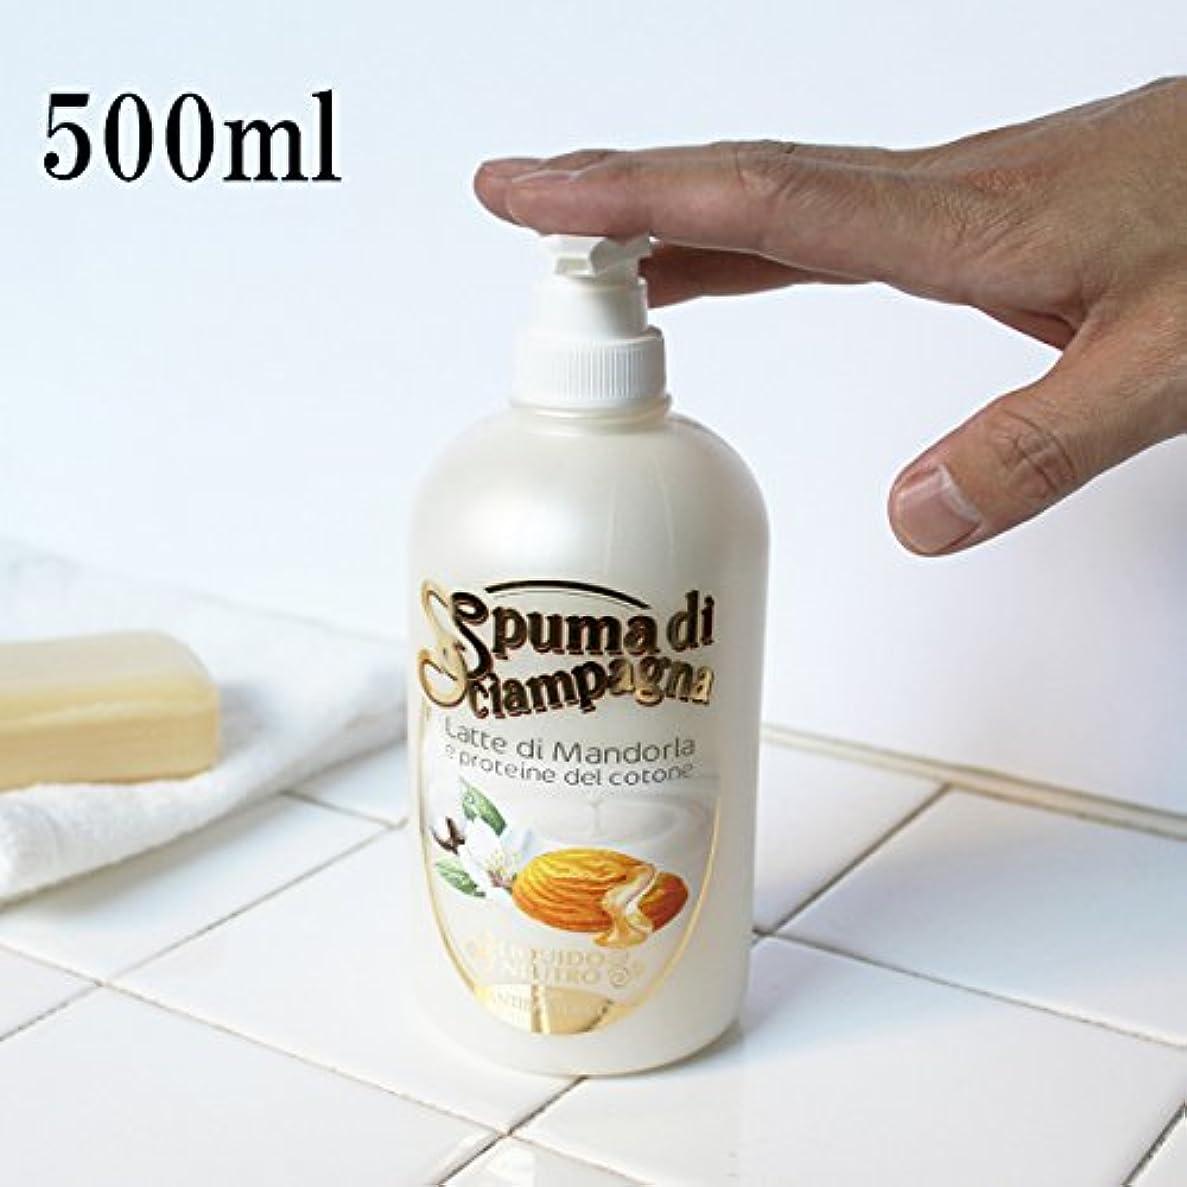 突破口小数最大化するSpuma di Sciampagna (スプーマ ディ シャンパーニャ) リキッドソープ 500ml アーモンドの香り